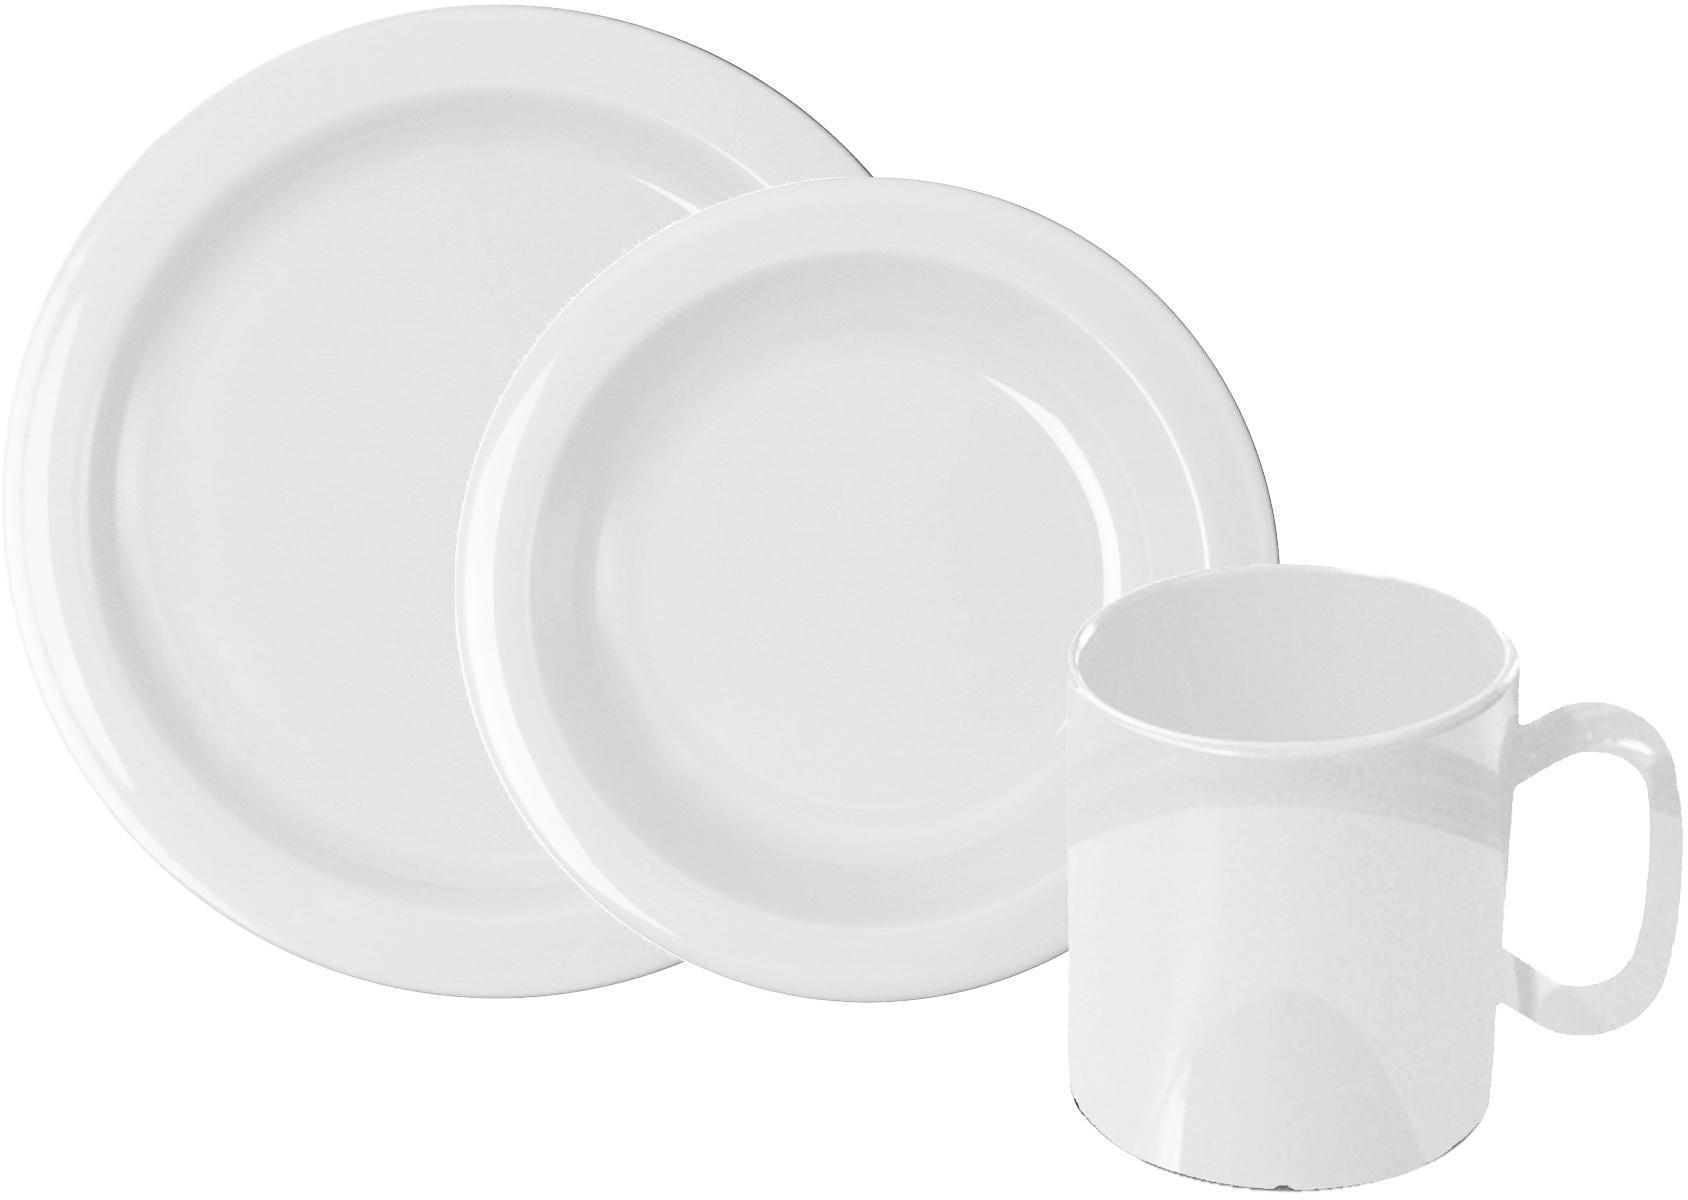 WACA Frühstücks-Geschirrset, (Set, 6 tlg.) weiß Frühstücksset Eierbecher Geschirr, Porzellan Tischaccessoires Haushaltswaren Frühstücks-Geschirrset